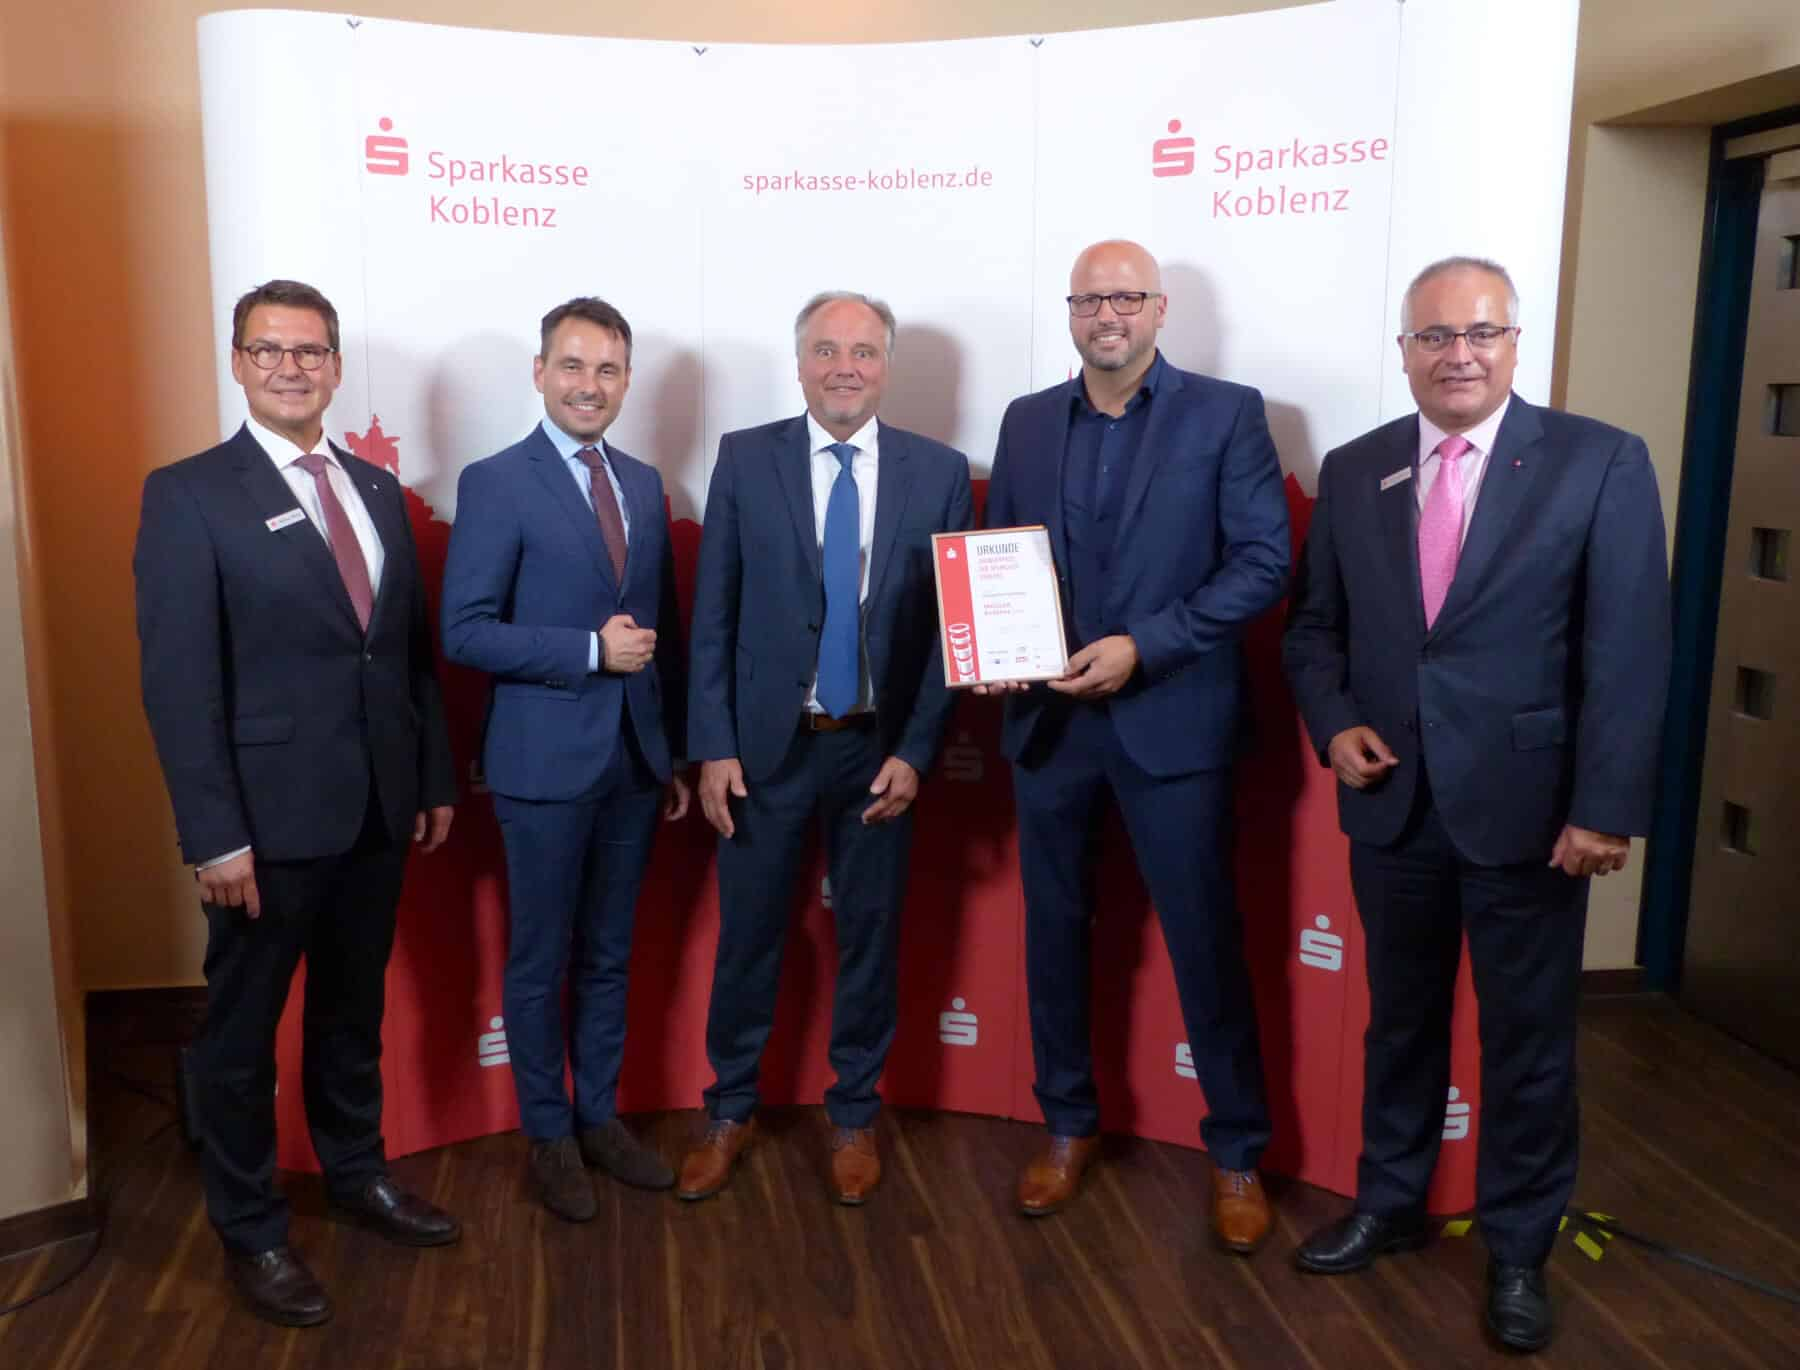 """In der Kategorie """"Geregelte Nachfolge"""" überreichte der Koblenzer Oberbürgermeister David Langner (2.v.l.) die Urkunde an die Firma MASSAR Koblenz GmbH."""